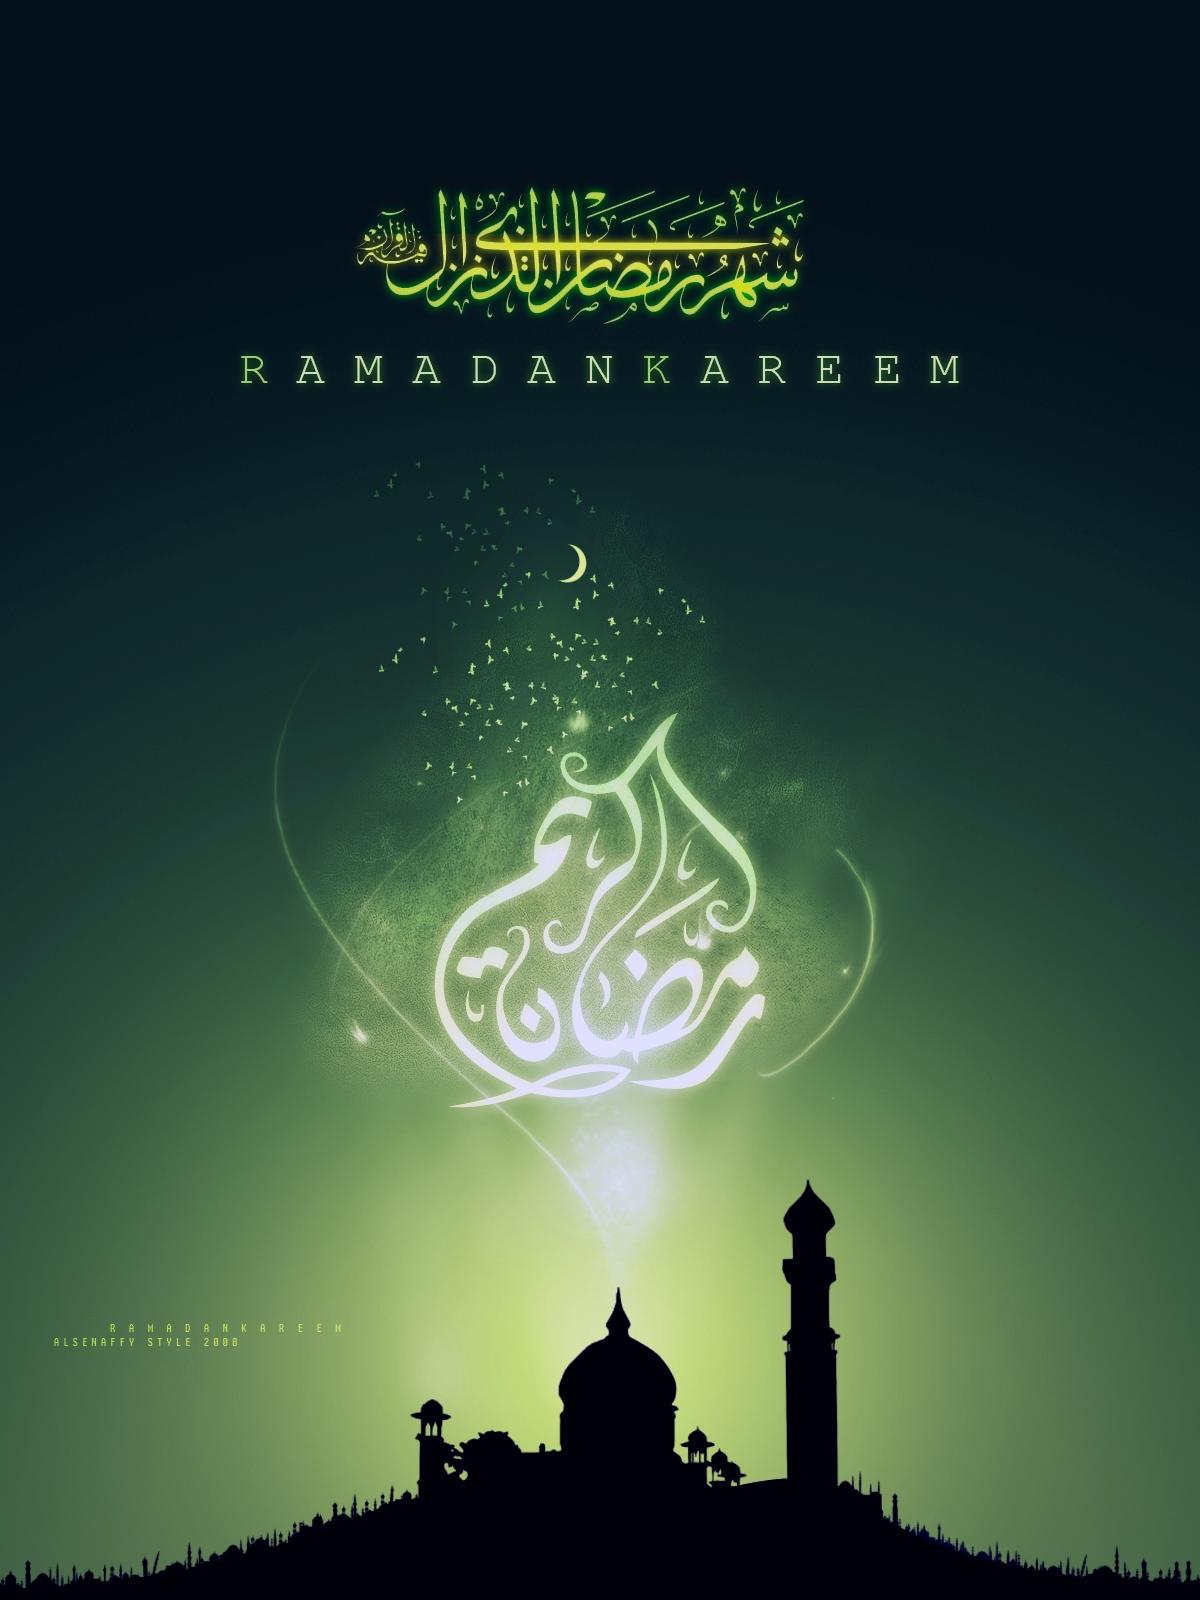 Ramadan 2017 pictures wallpapers quotes photos ramadan mubarak